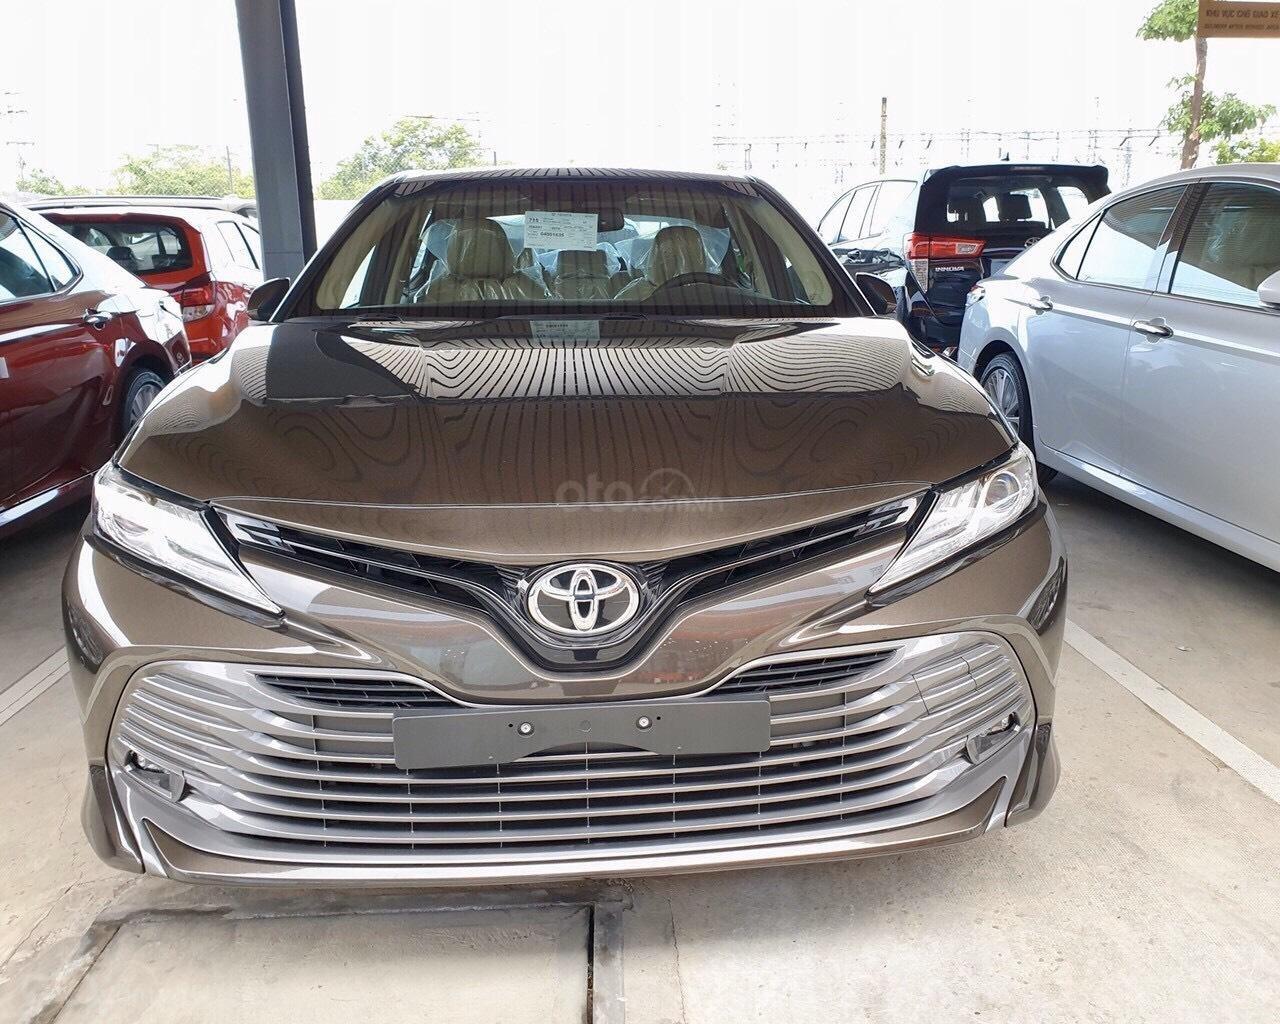 Bán Toyota Camry 2.5Q màu nâu nhập Thái giao ngay (2)